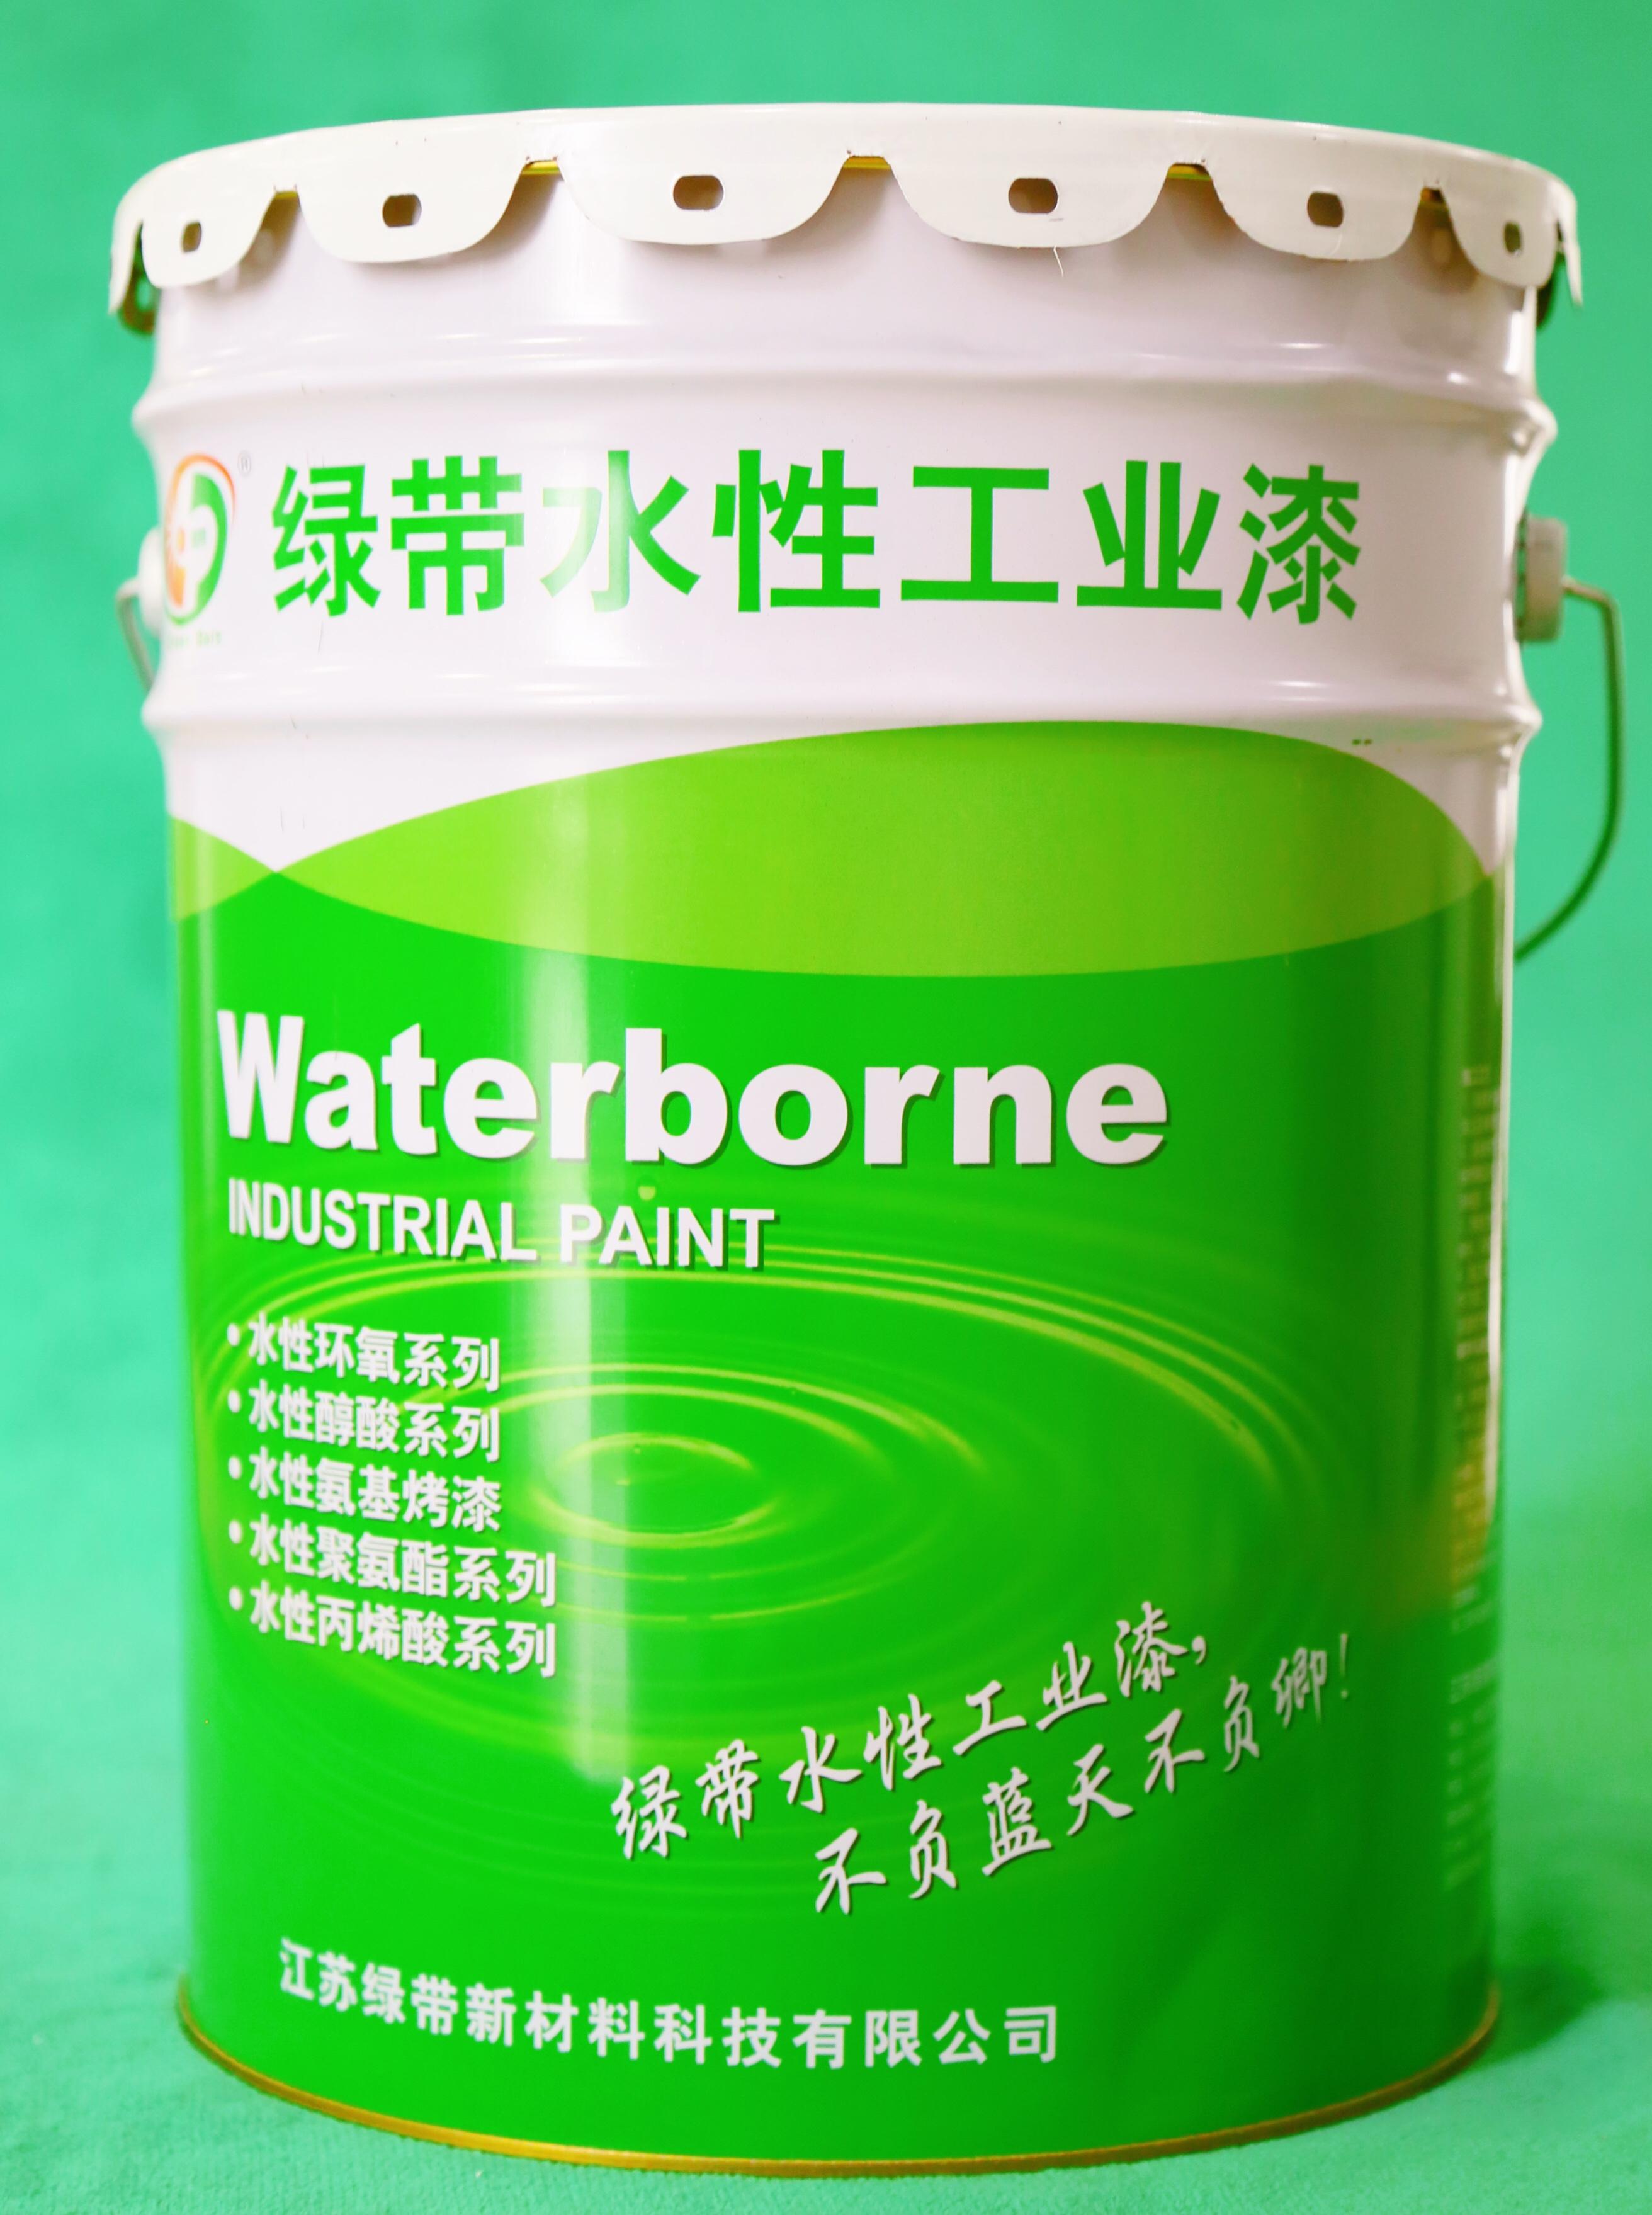 水性醇酸底漆水性醇酸底漆图片